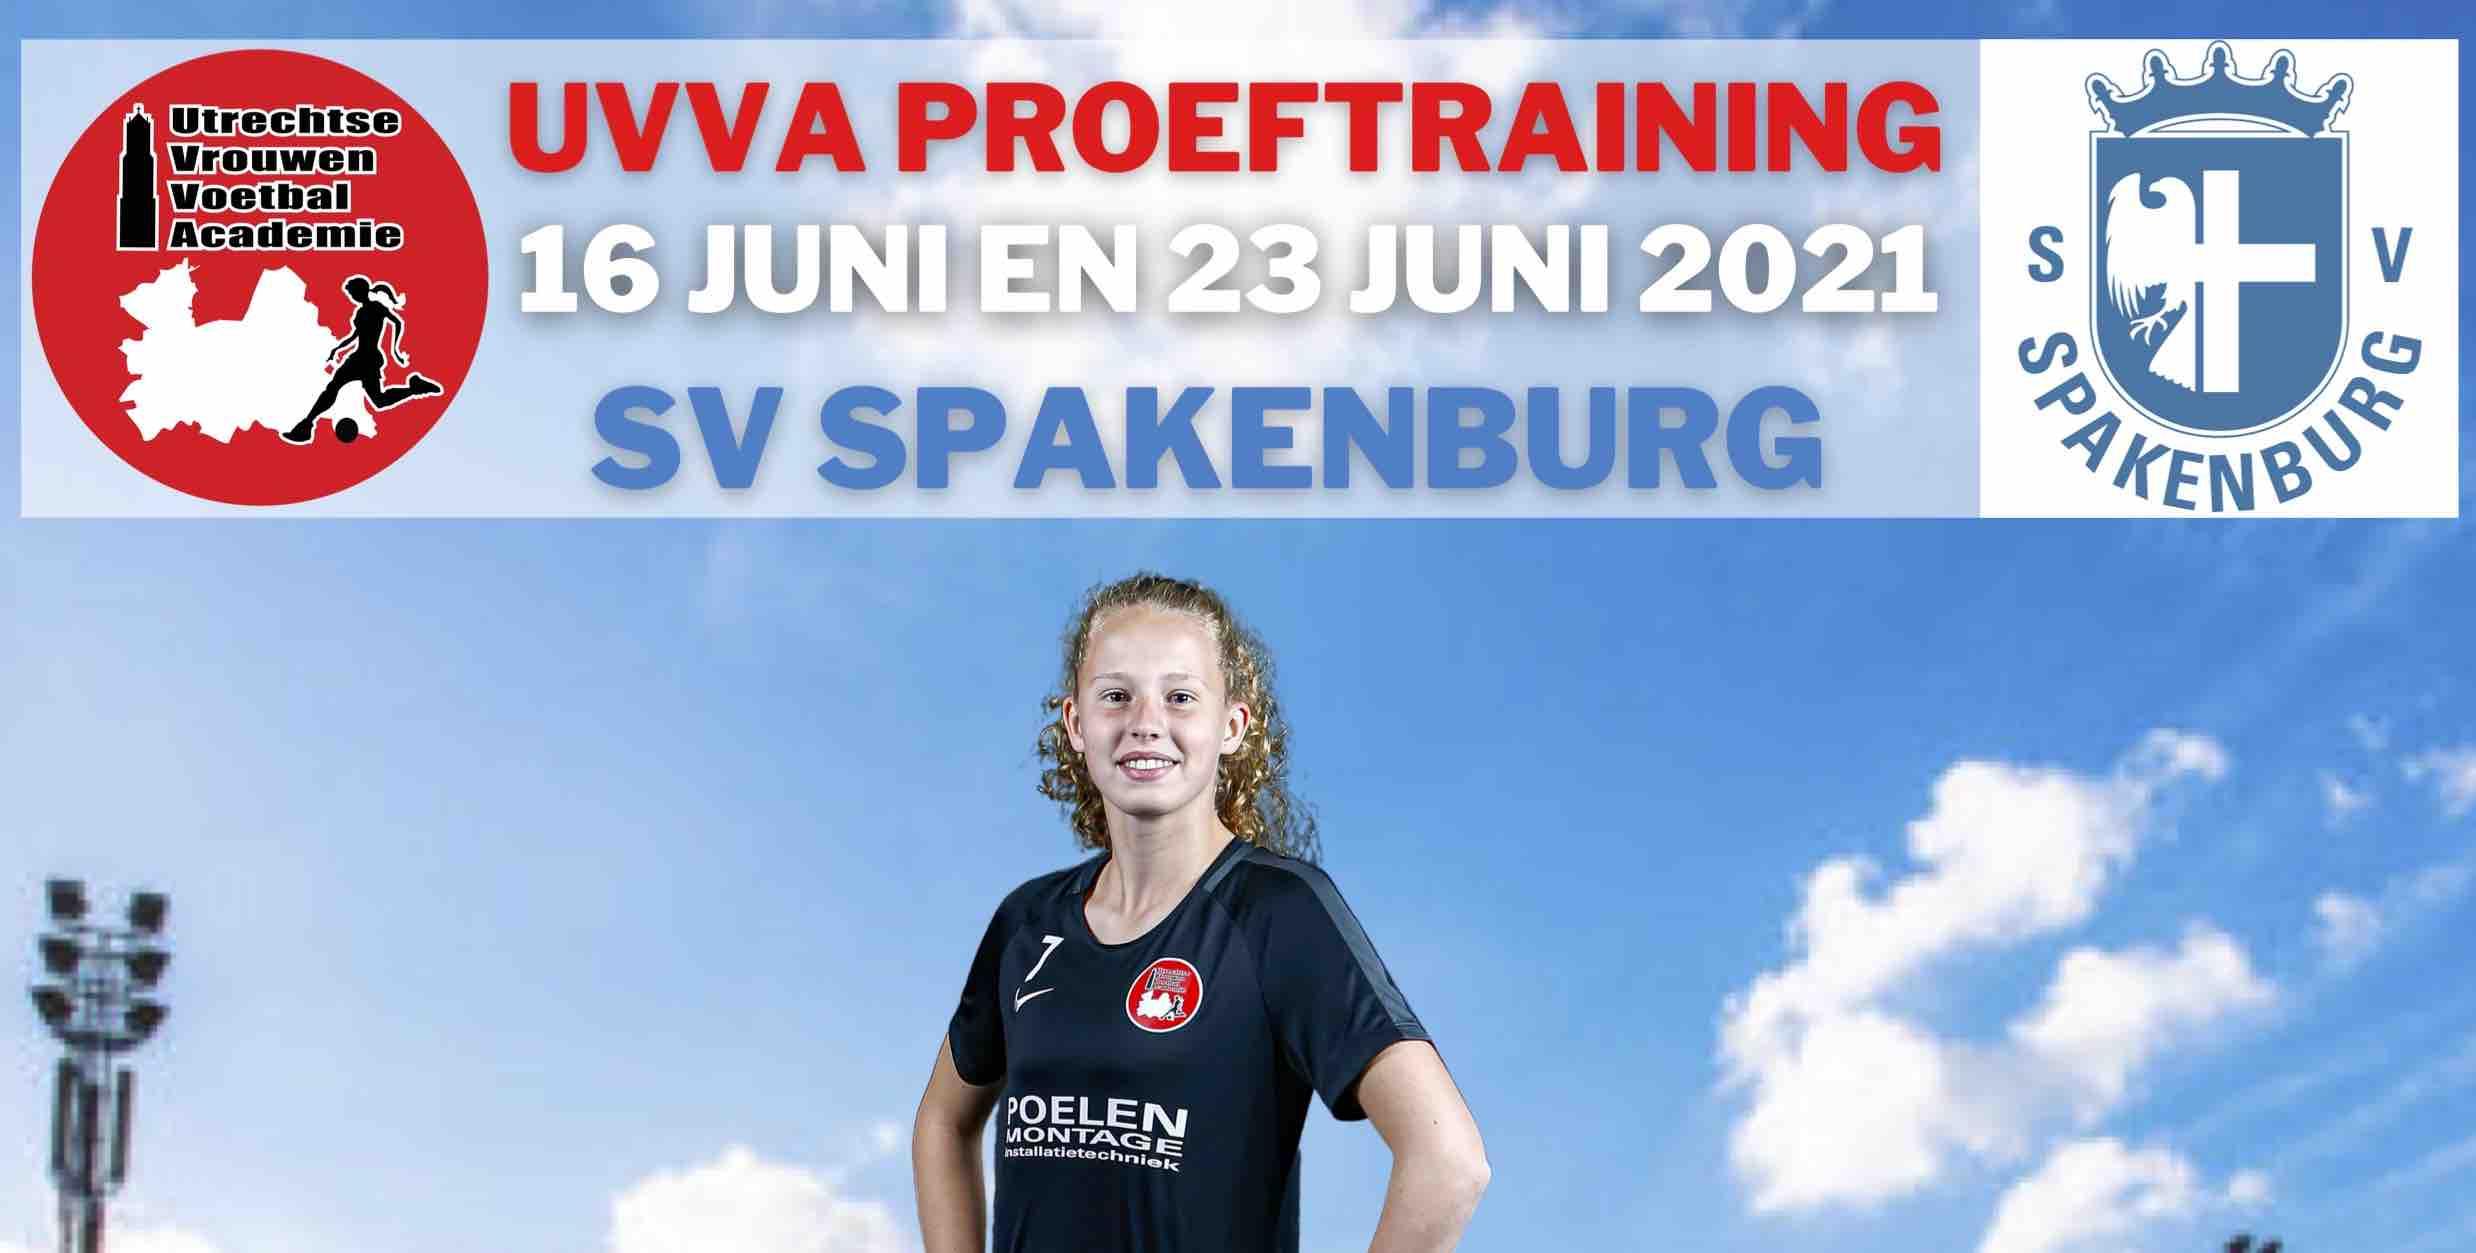 Vrouwenvoetbal bij SV Spakenburg – schrijf je nu in voor trainingen in juni!